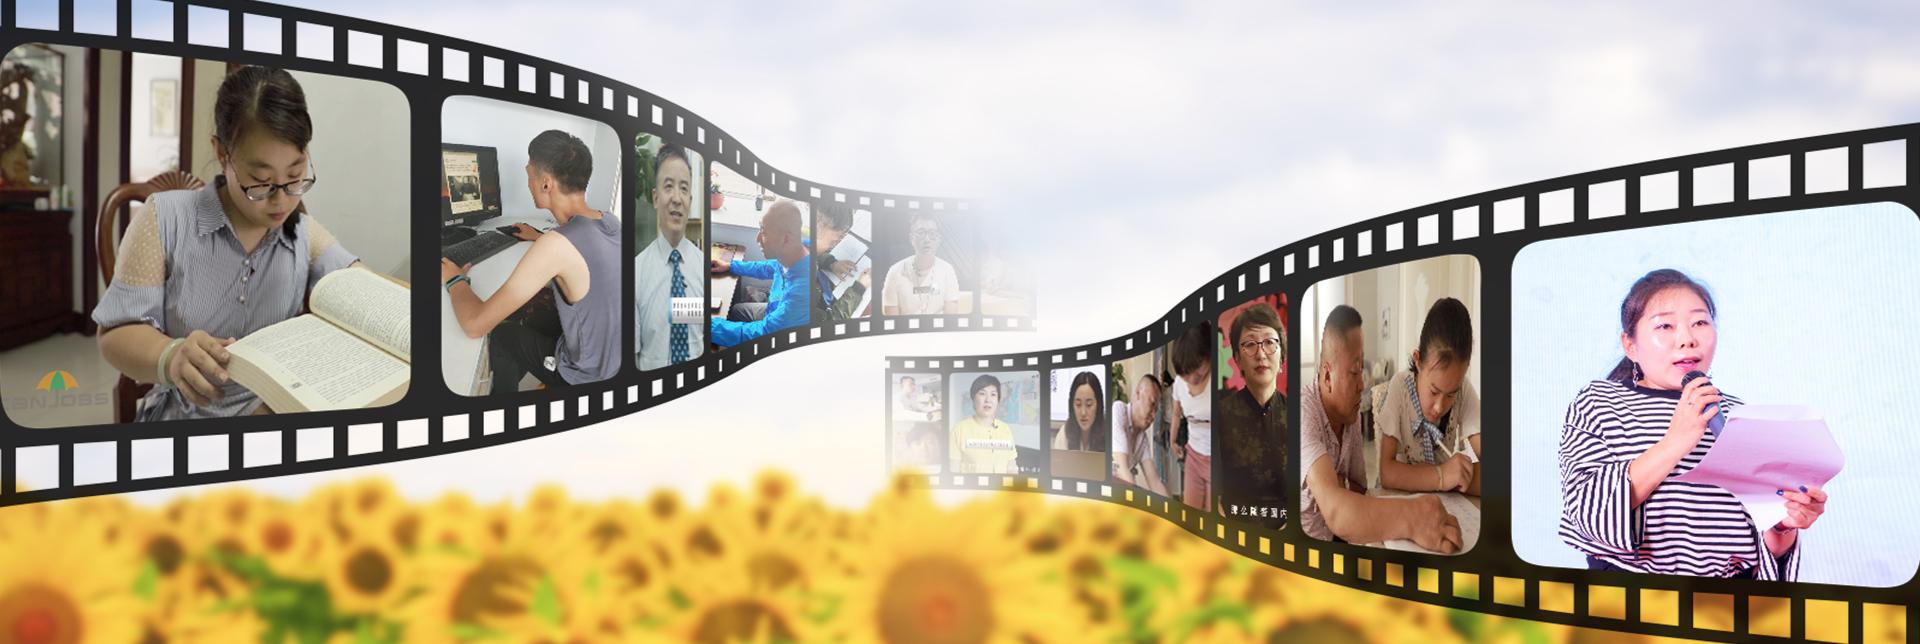 播撒阳光 唤醒梦想--12分钟学习残疾员工安置和Ta们背后的故事